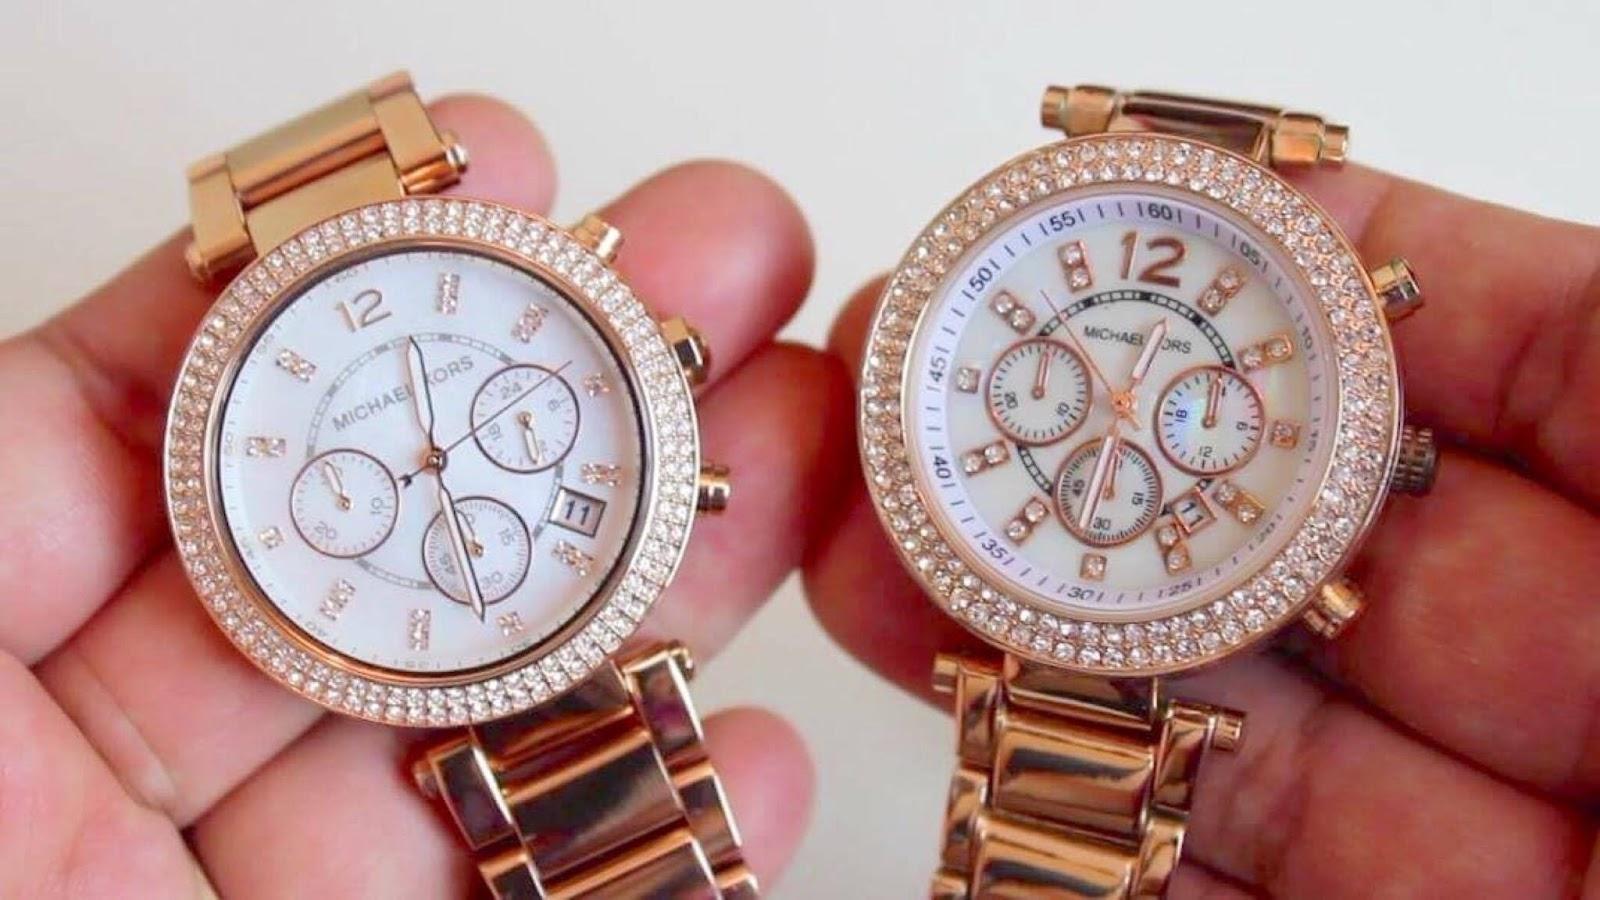 Đồng hồ Michael Kors có giá bao nhiêu?